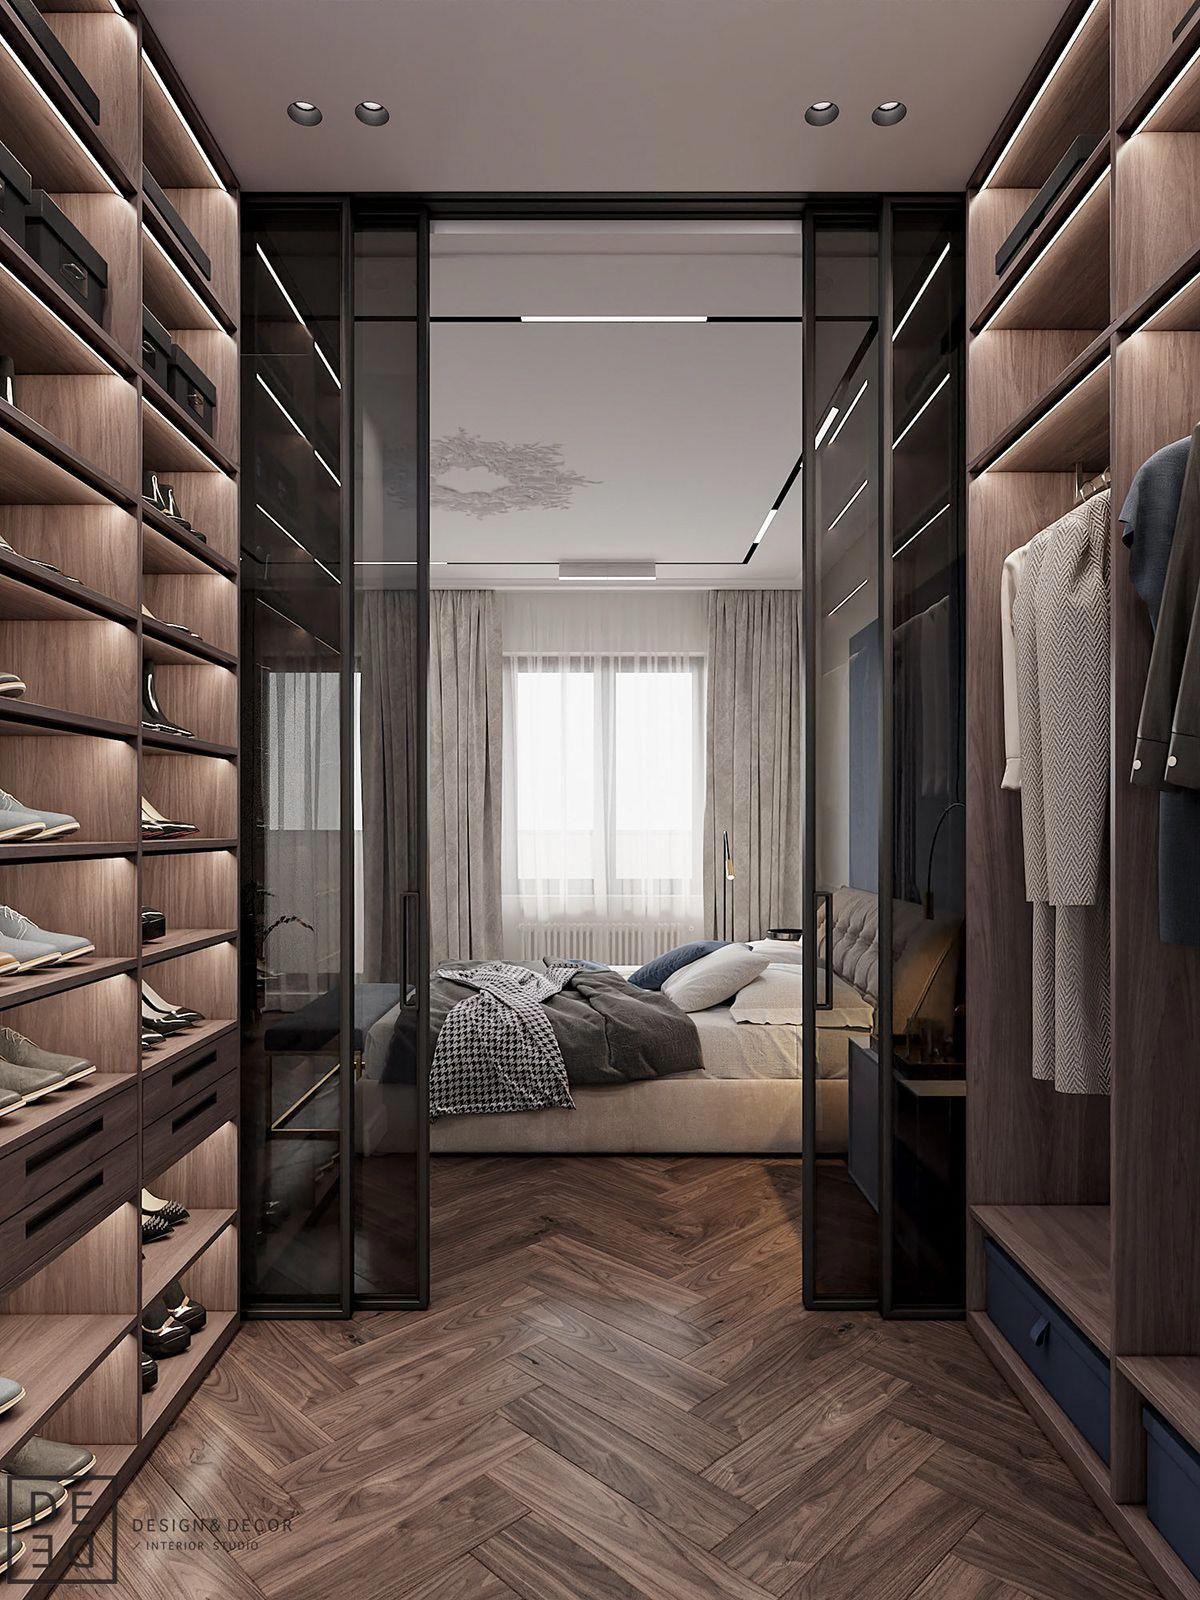 schlafzimmer interior design in dubai #rustikalglamdekor